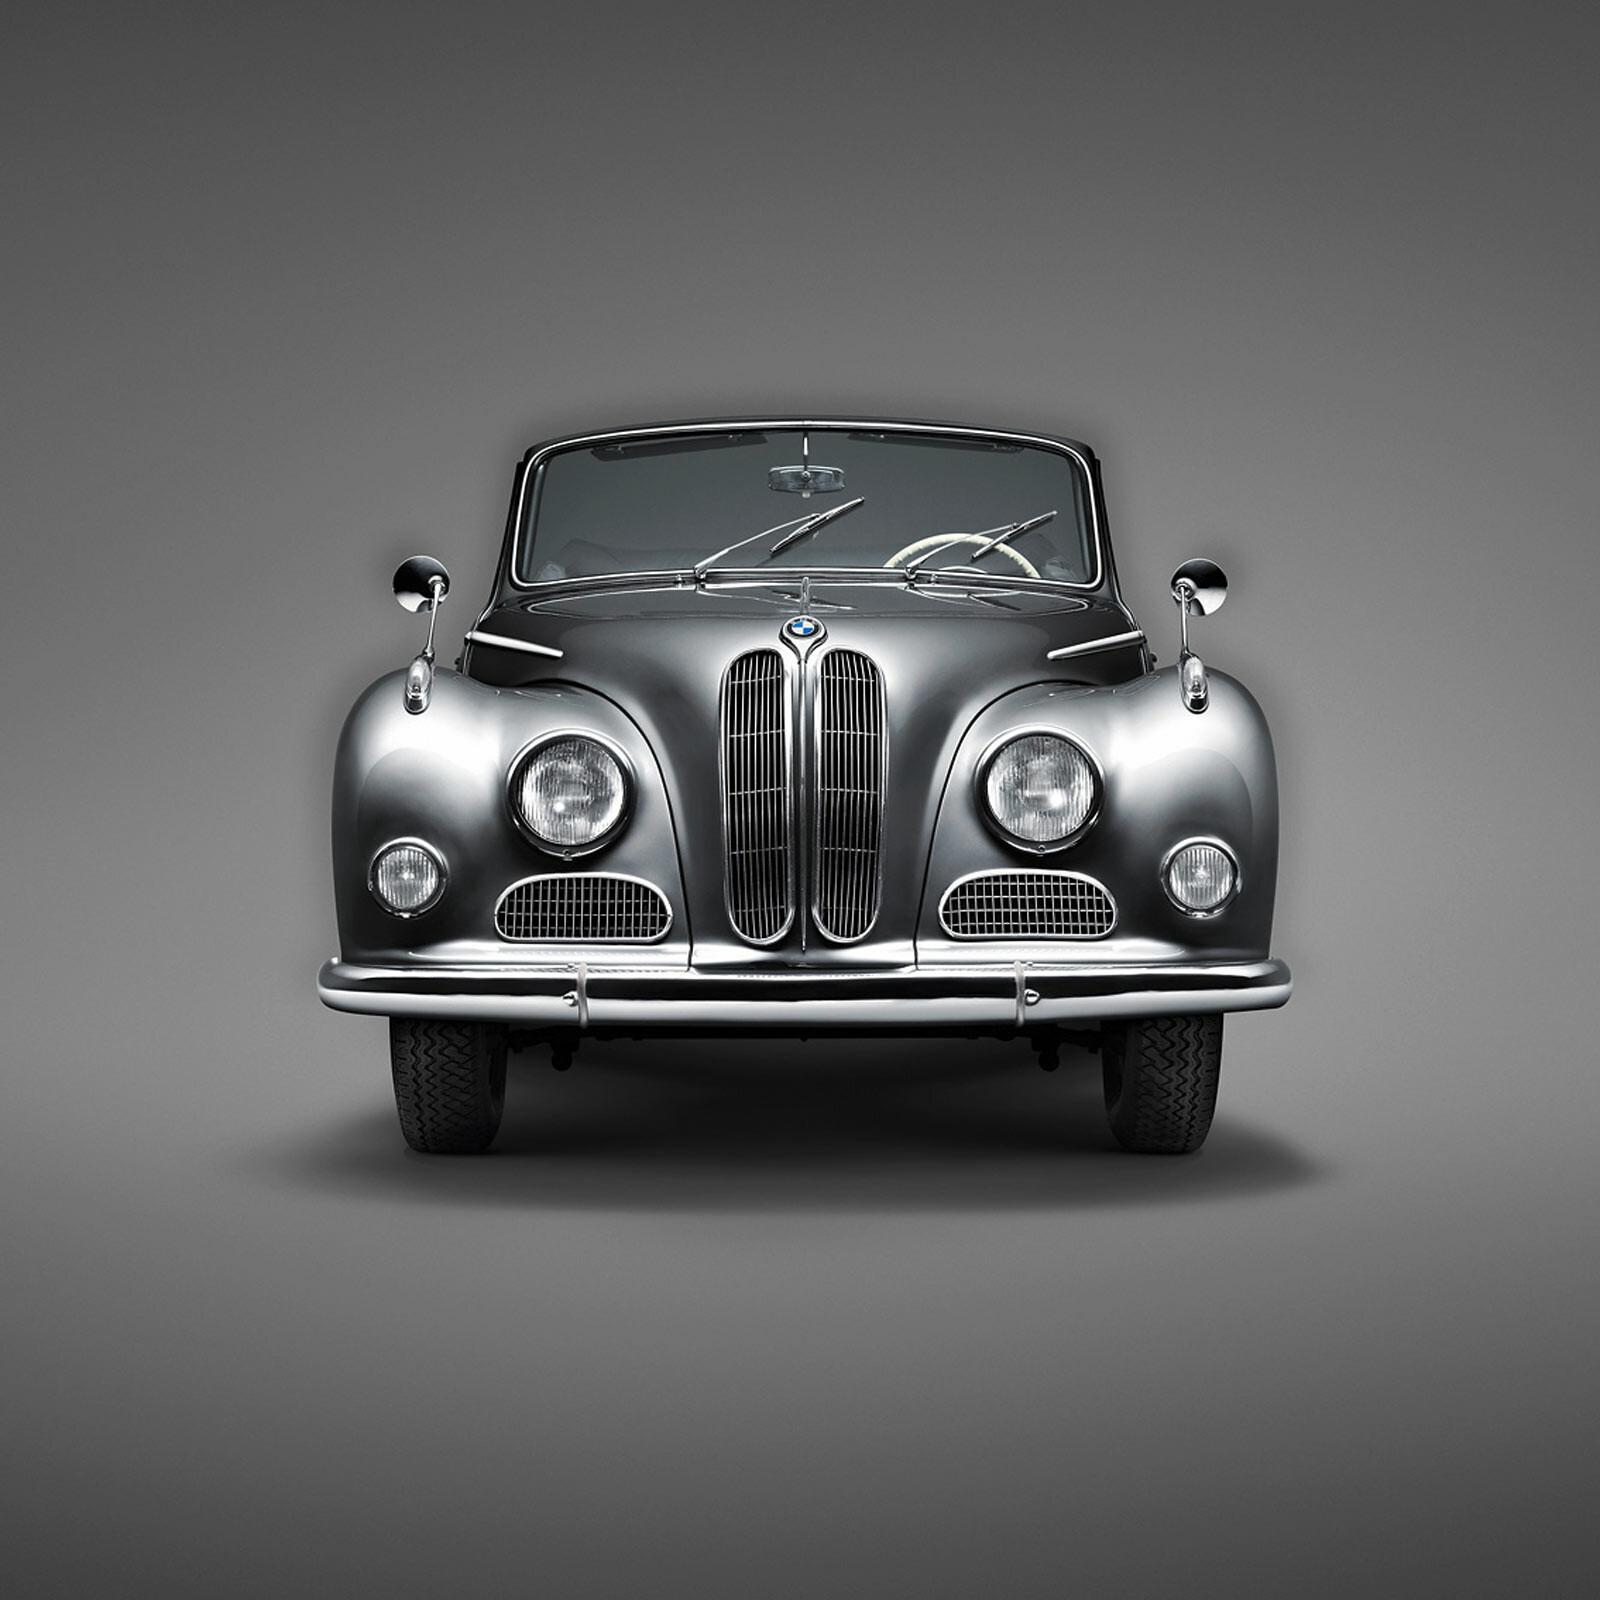 BMW 502/V8 Front - Bmw Edition | Erik Chmil